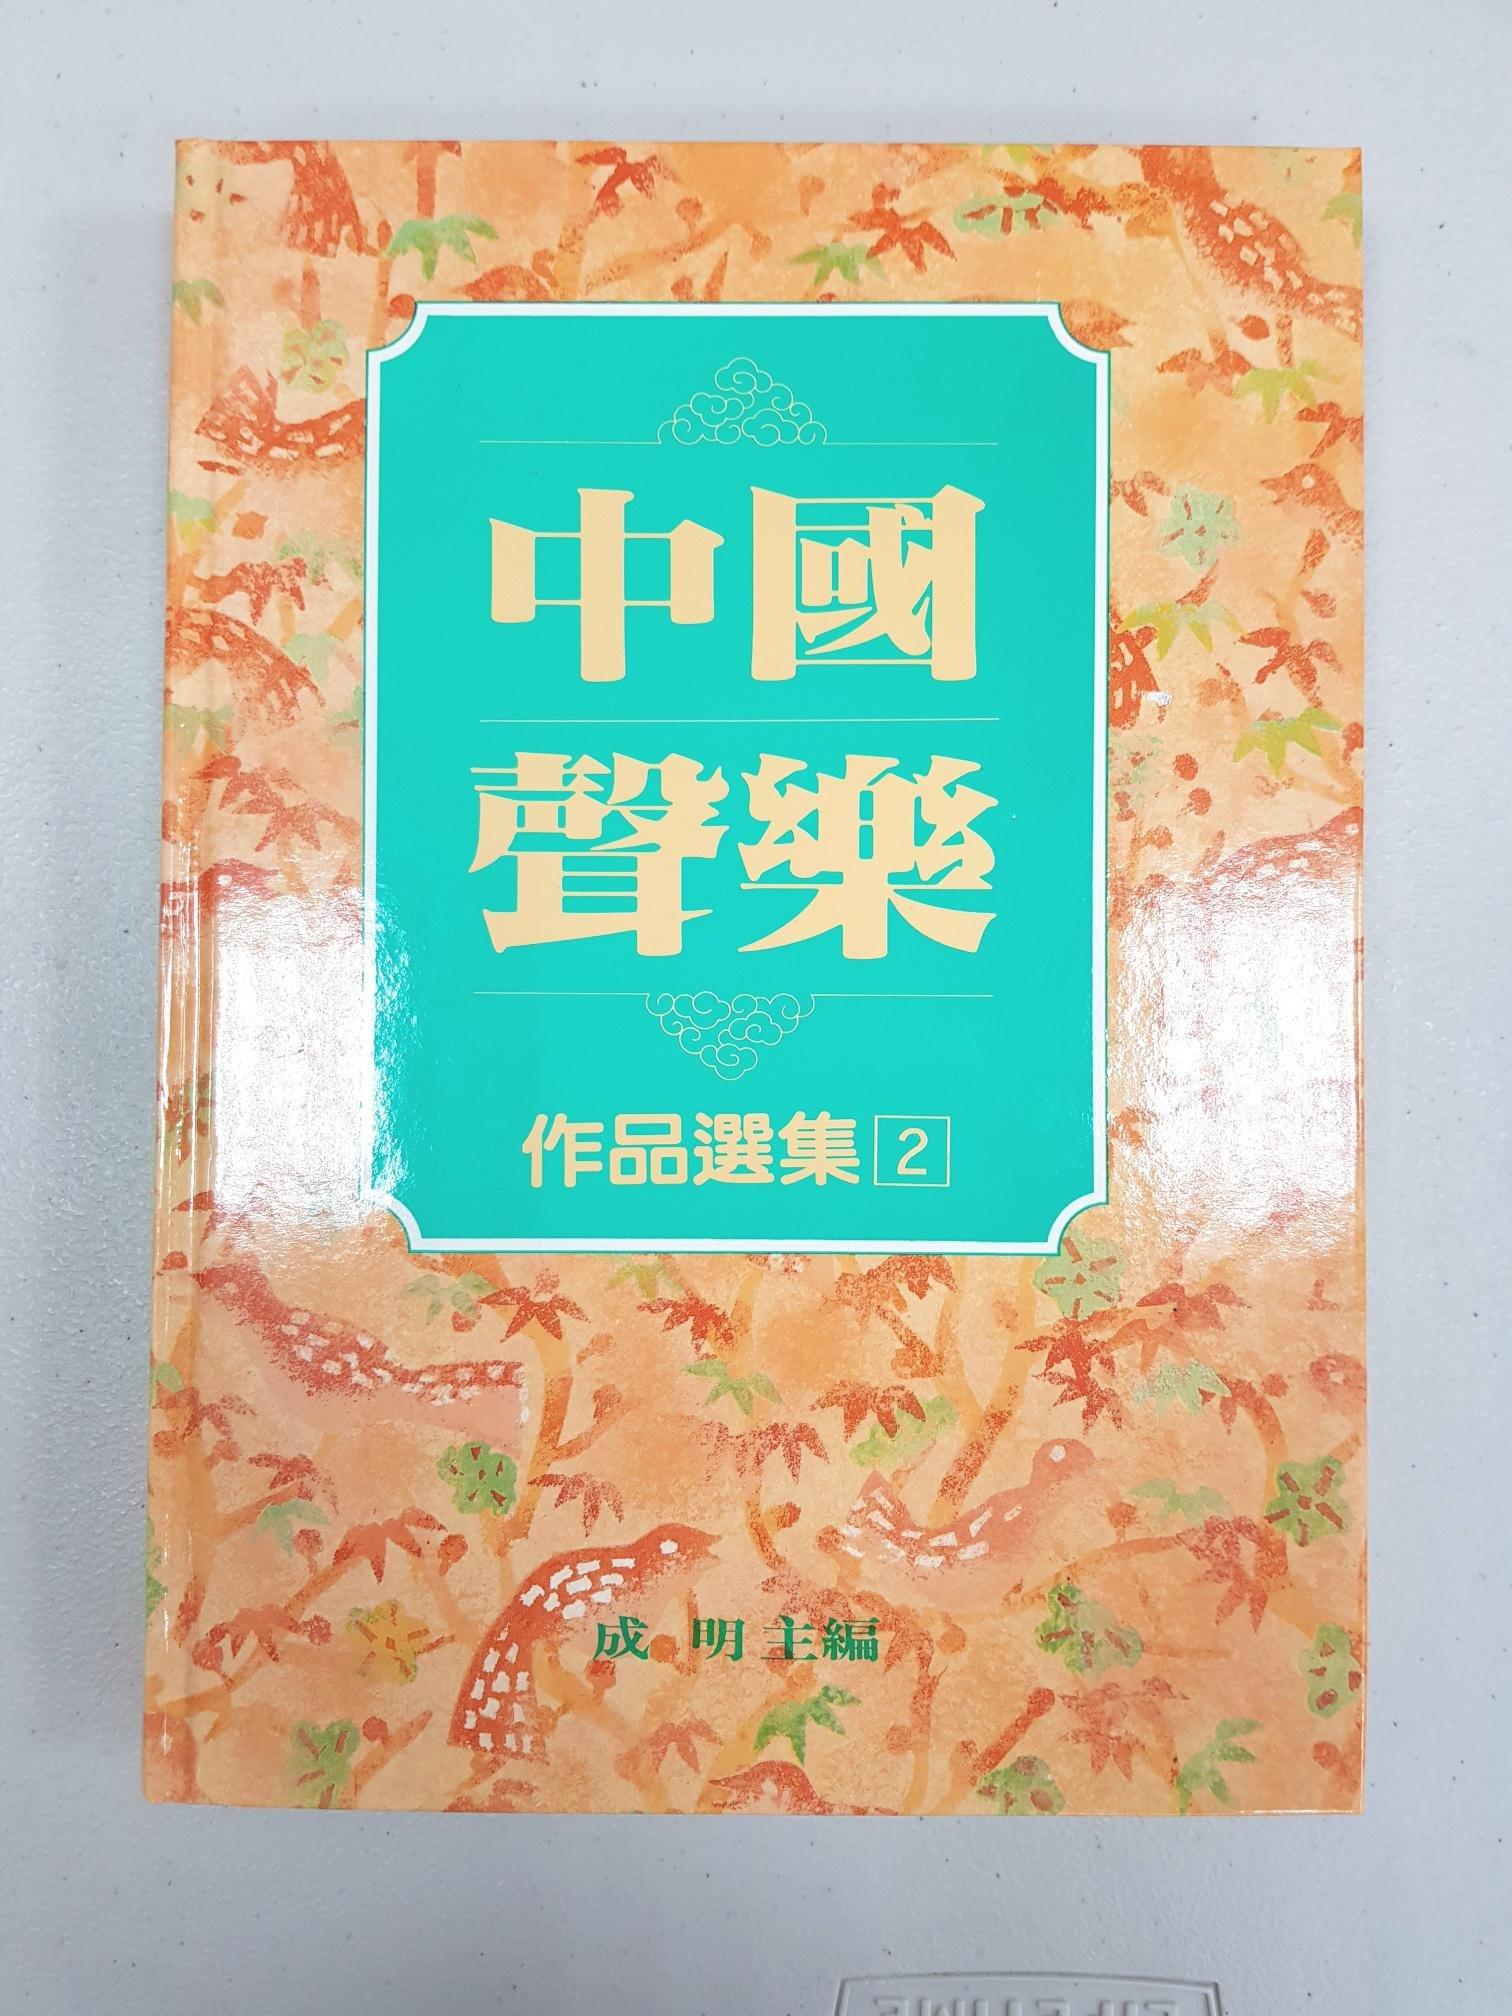 中國聲樂 作品選集二 精裝版,名聲樂家 成明絕版力作!99新收藏品,原定價600元,敬請把握